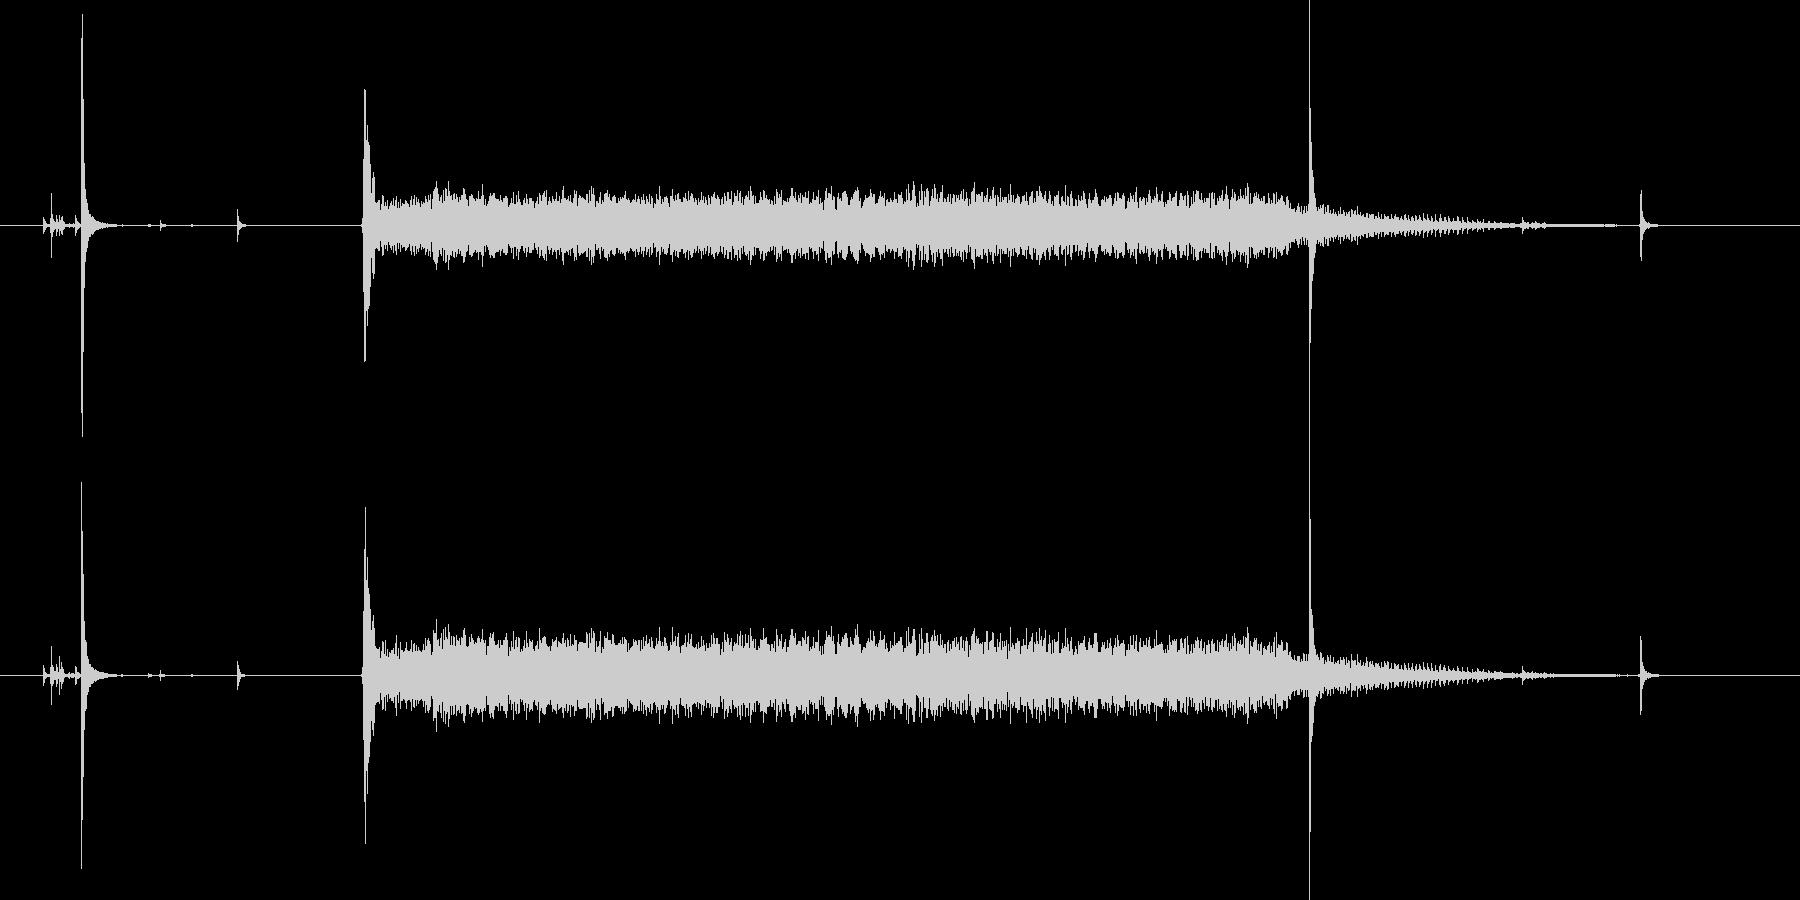 スイッチオン!ウィーン(マシーン音)の未再生の波形